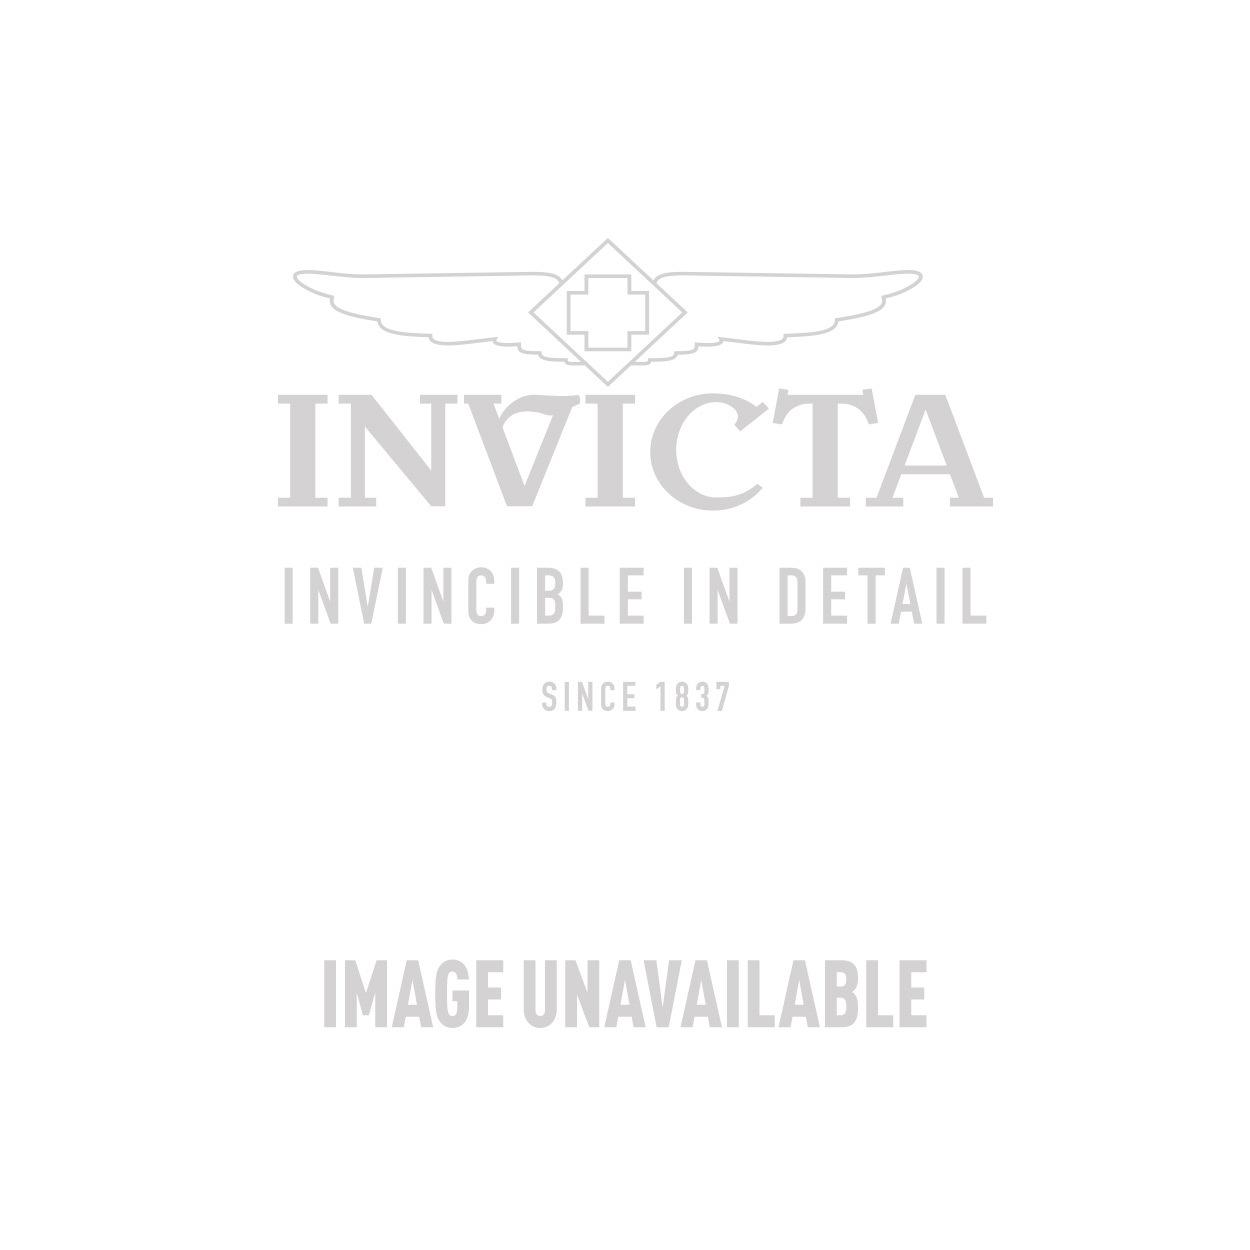 Invicta Model 23347